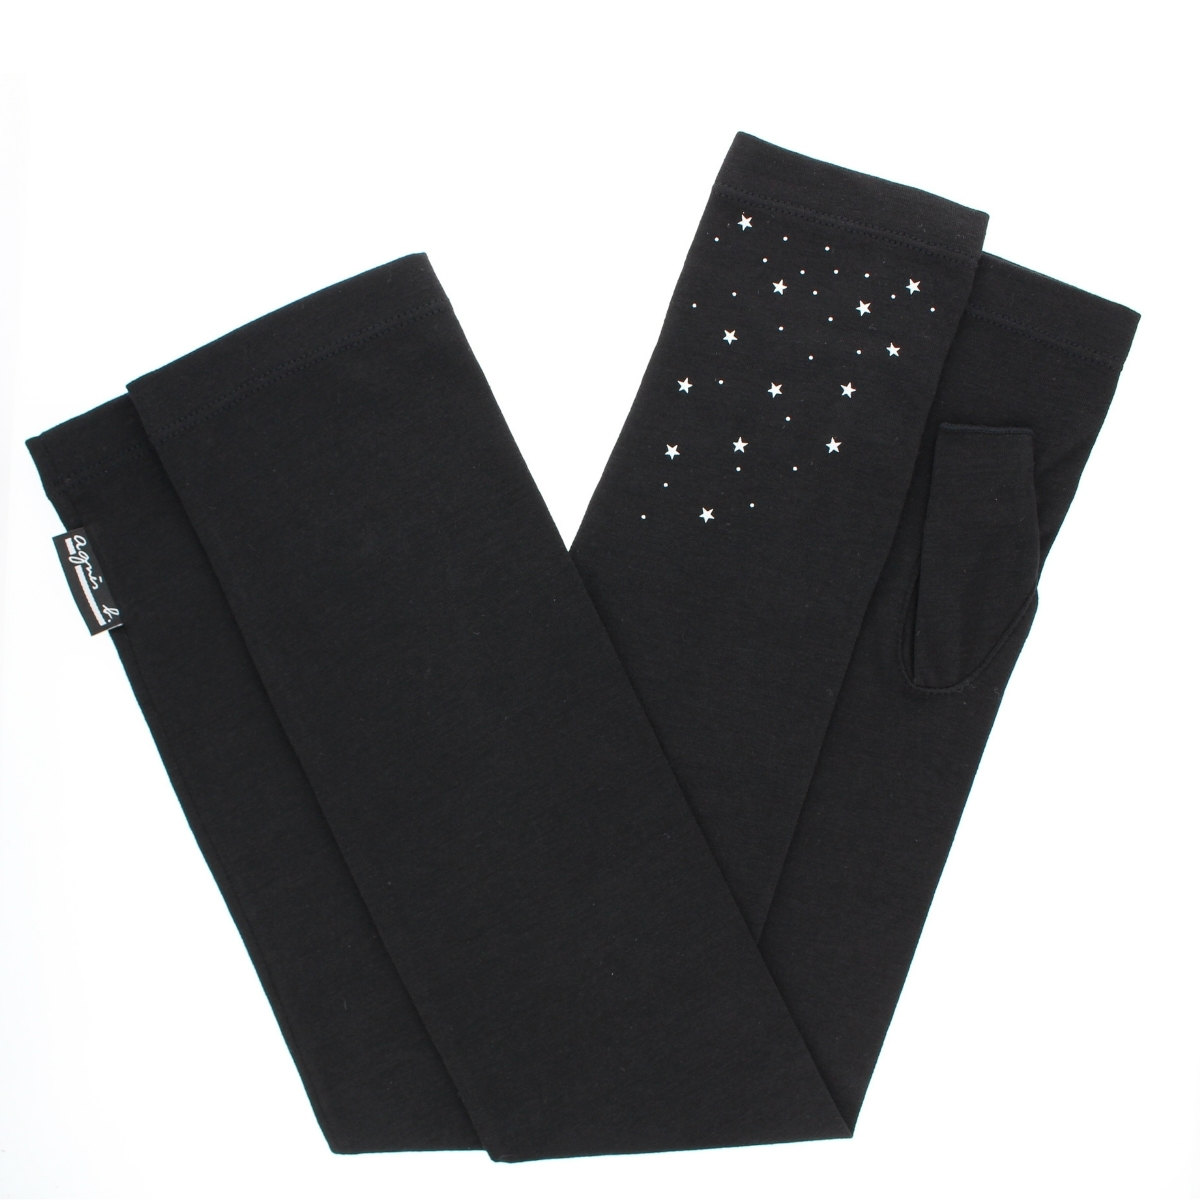 【 21年SS新作 】アニエスベー UV手袋 UVカット 紫外線対策 ロング丈 55cm UPF50+ UVカット率99% ストレッチ スマホ タッチパネル対応 星プリント